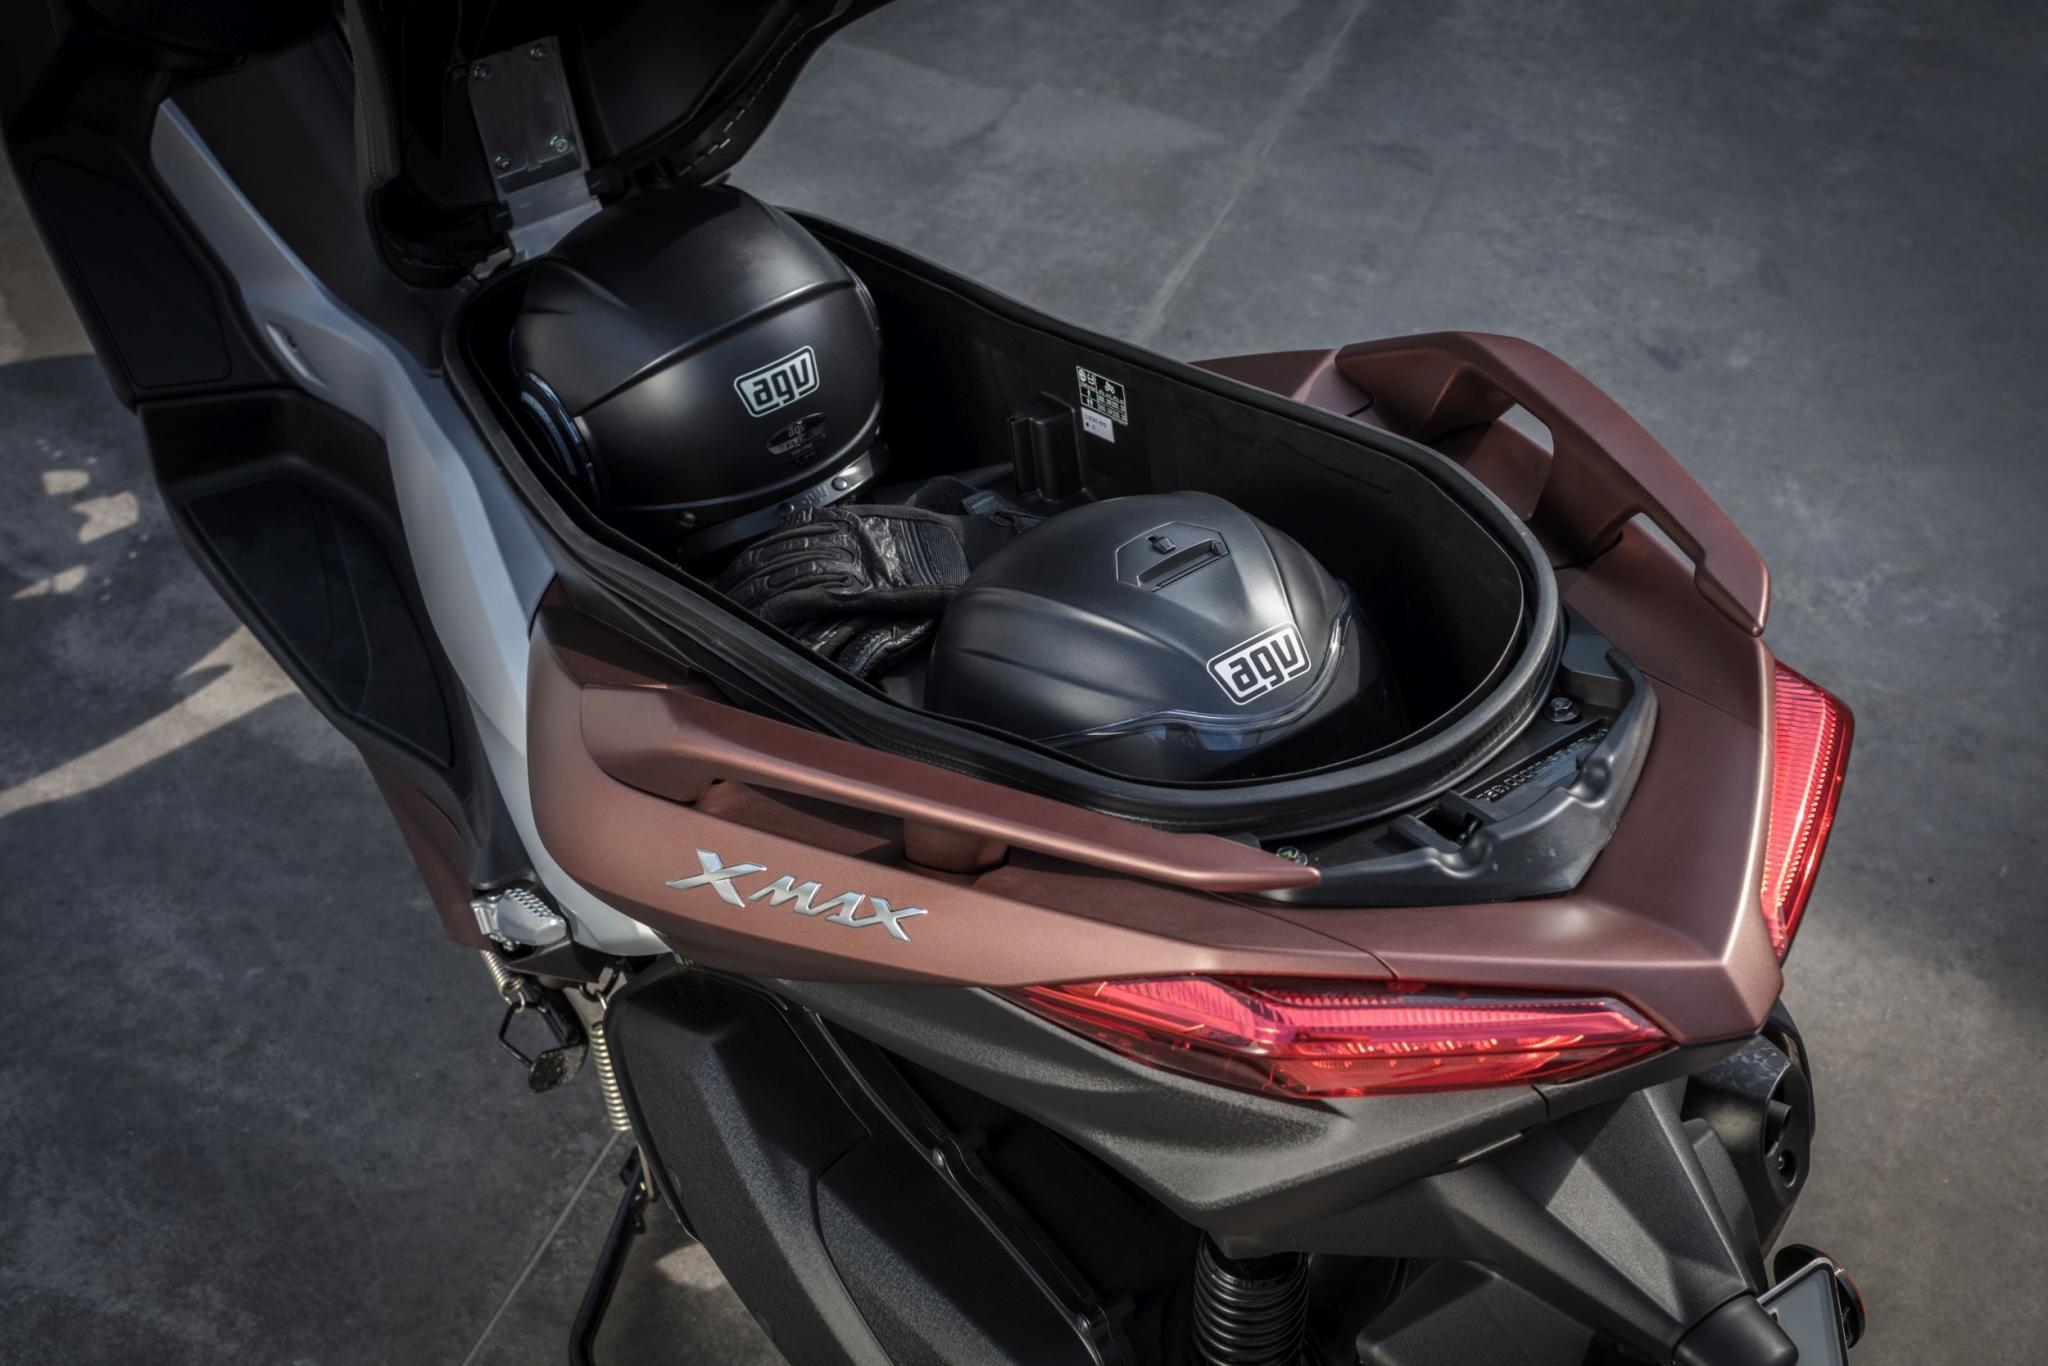 Yamaha X-MAX 300 Test 2017 mit Bilder, Daten und Megaposter